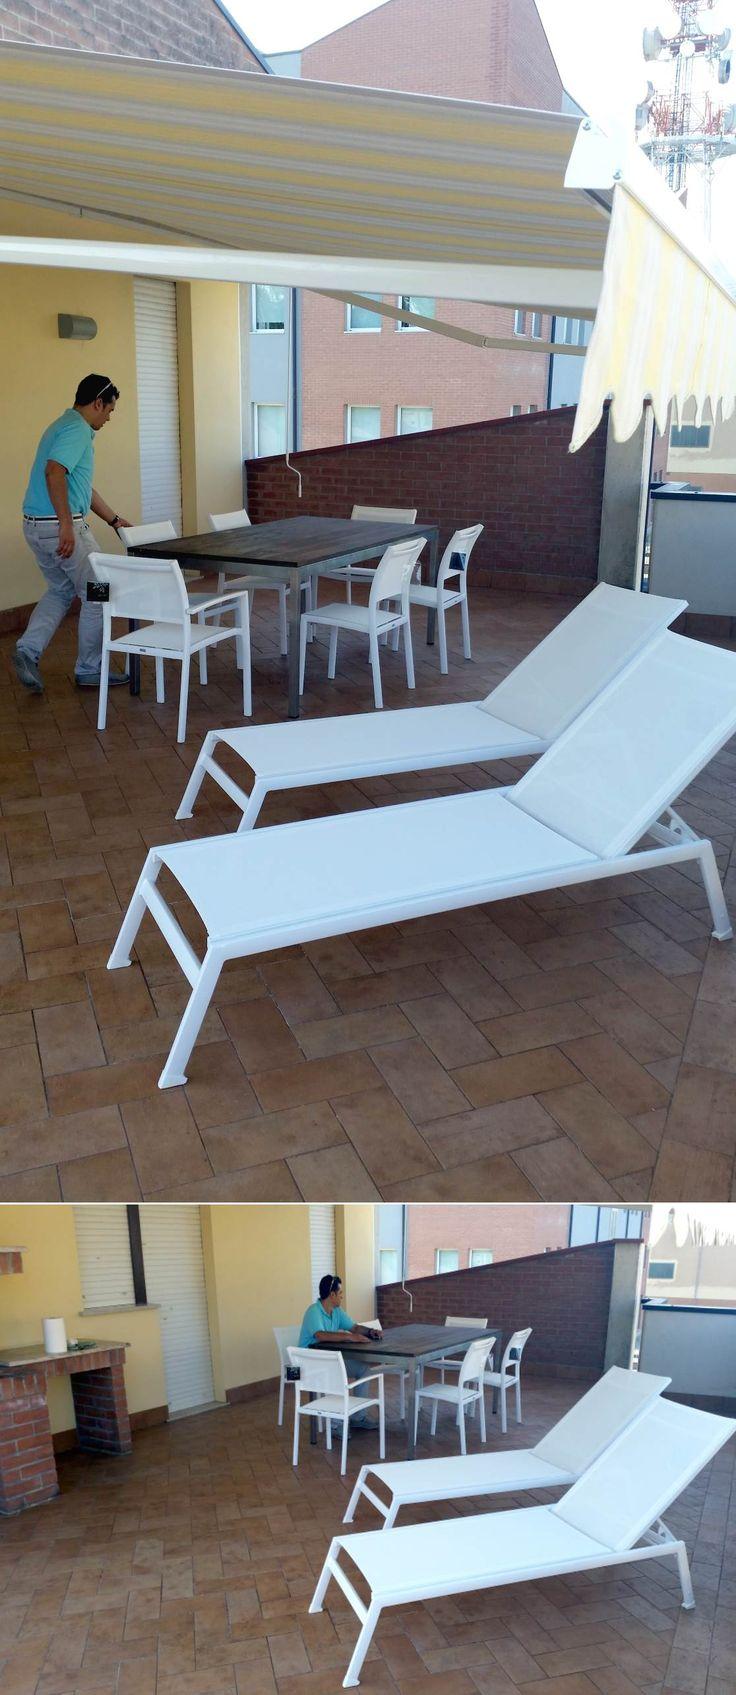 Oltre 25 fantastiche idee su Tavolo da terrazzo su Pinterest ...